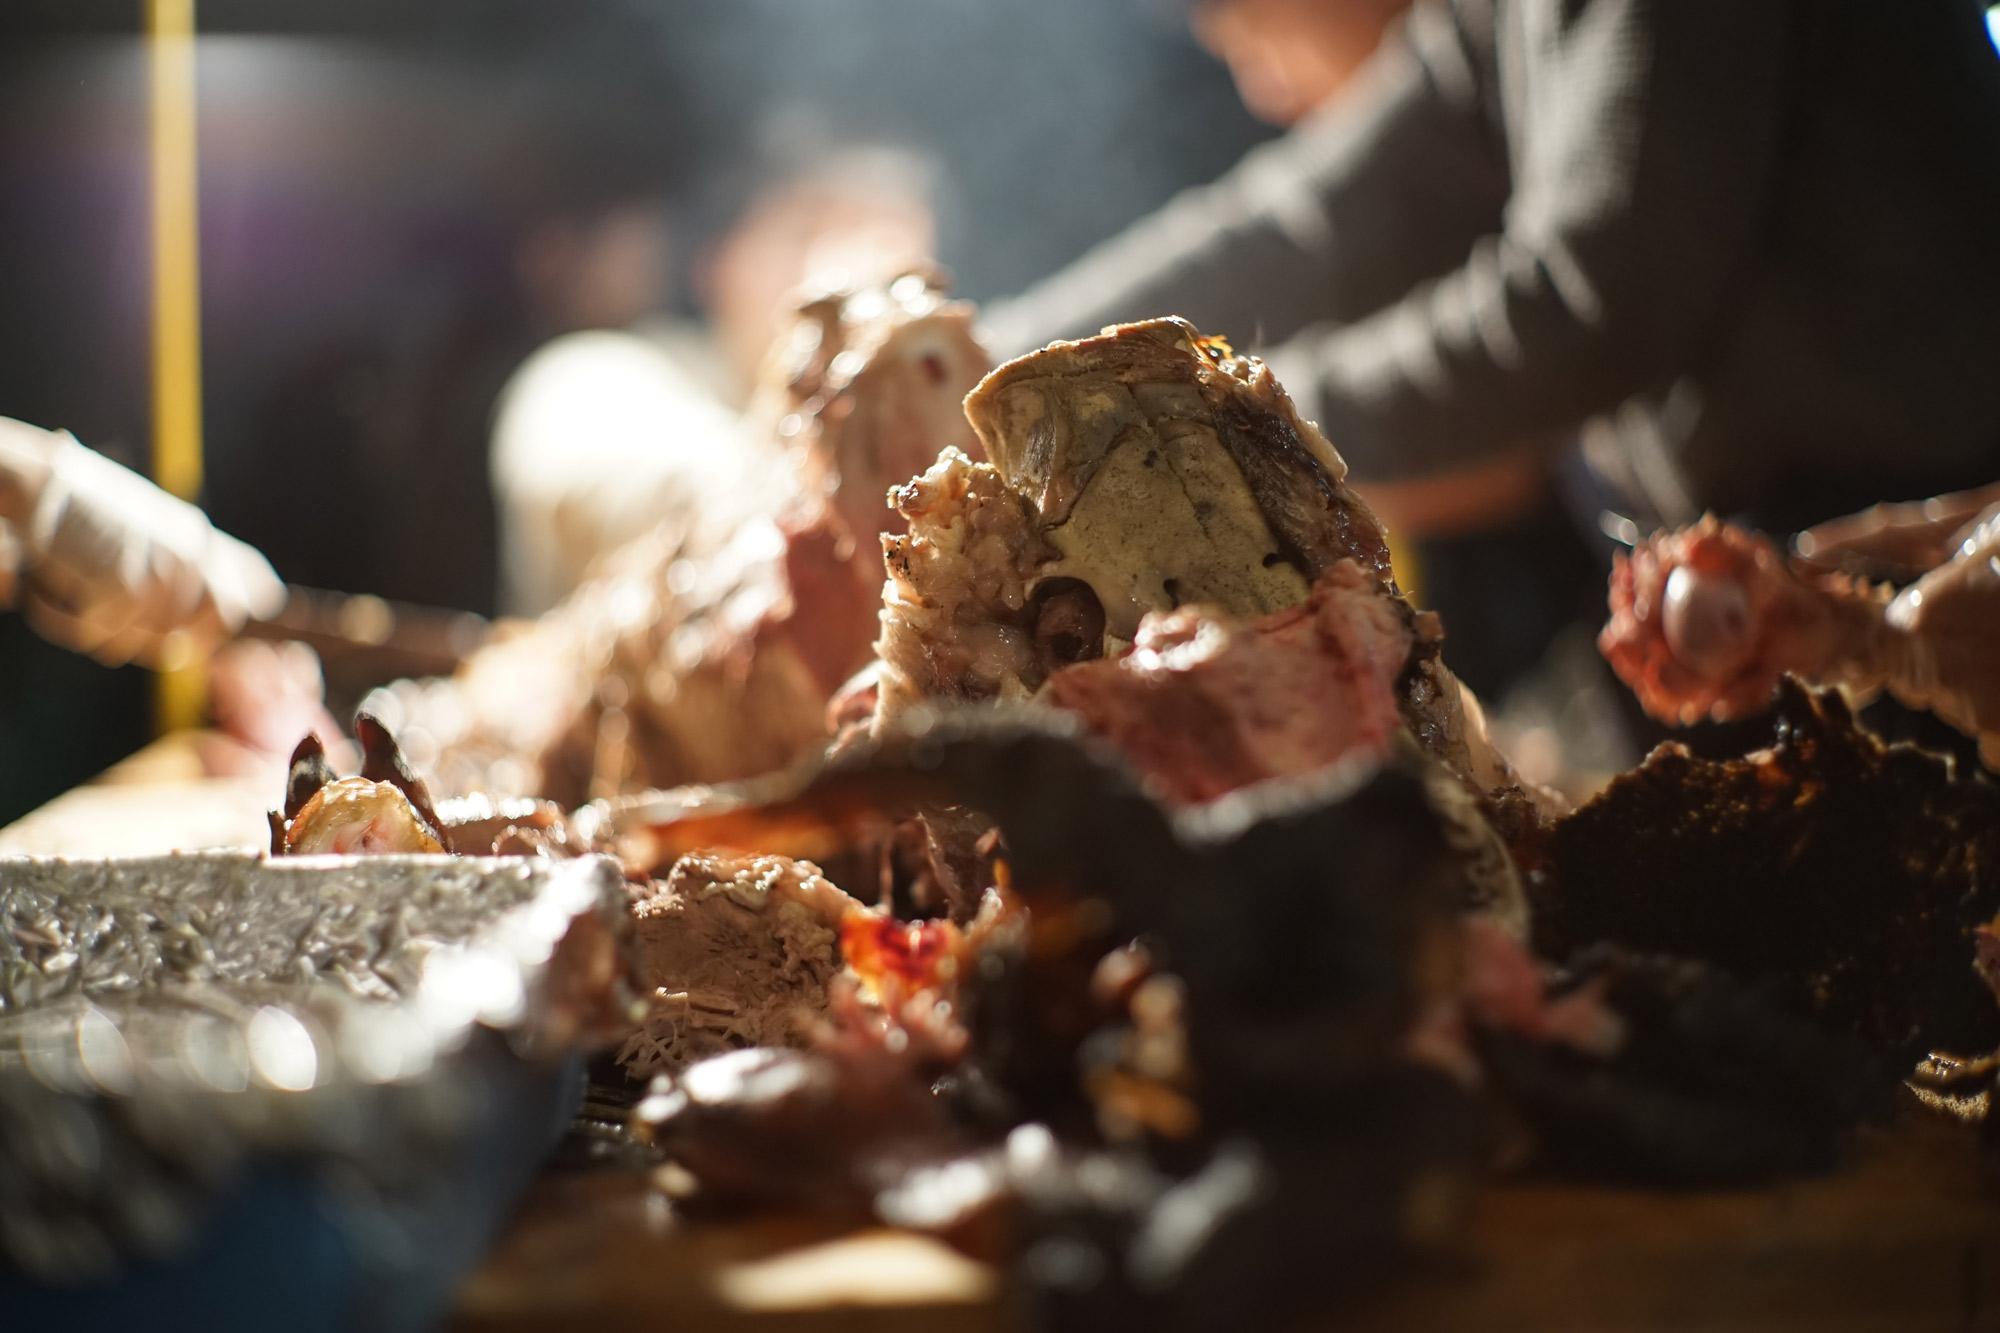 松澤穣暮らしを映すカメラ 豚の丸焼きを食べる